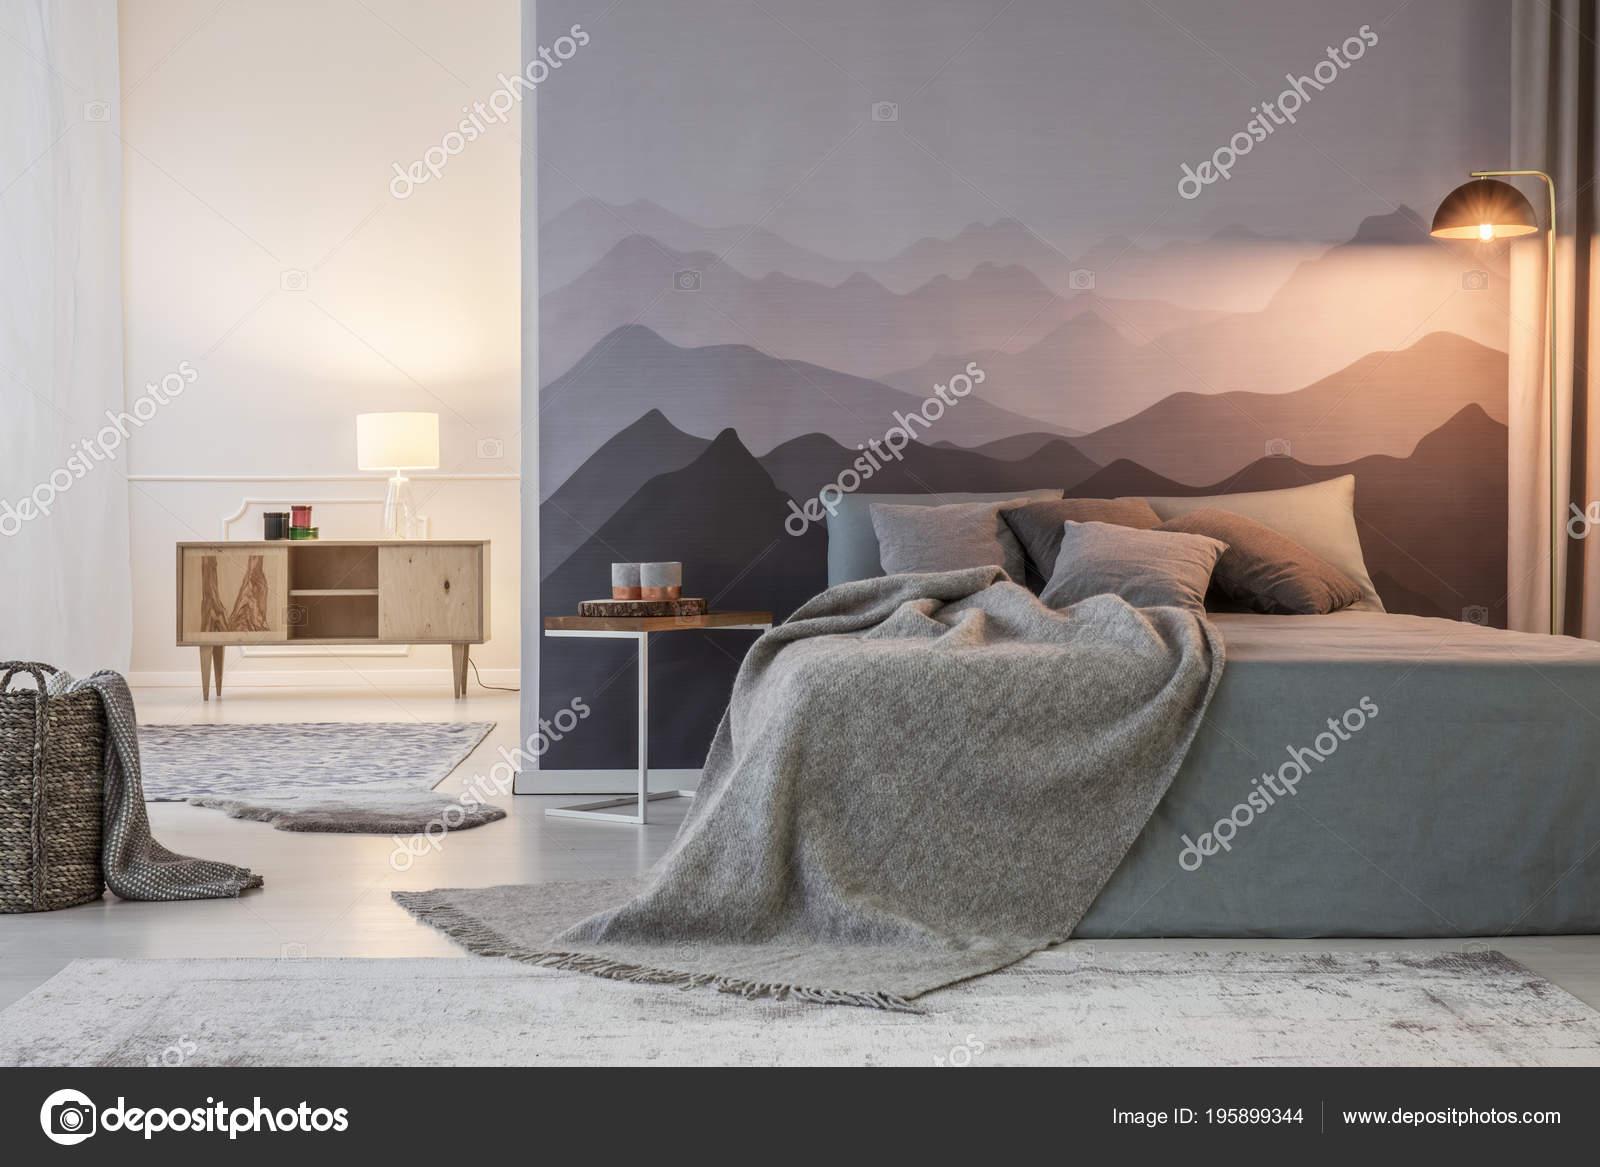 Grigia coperta letto contro sfondo montagna accanto uno sgabello con